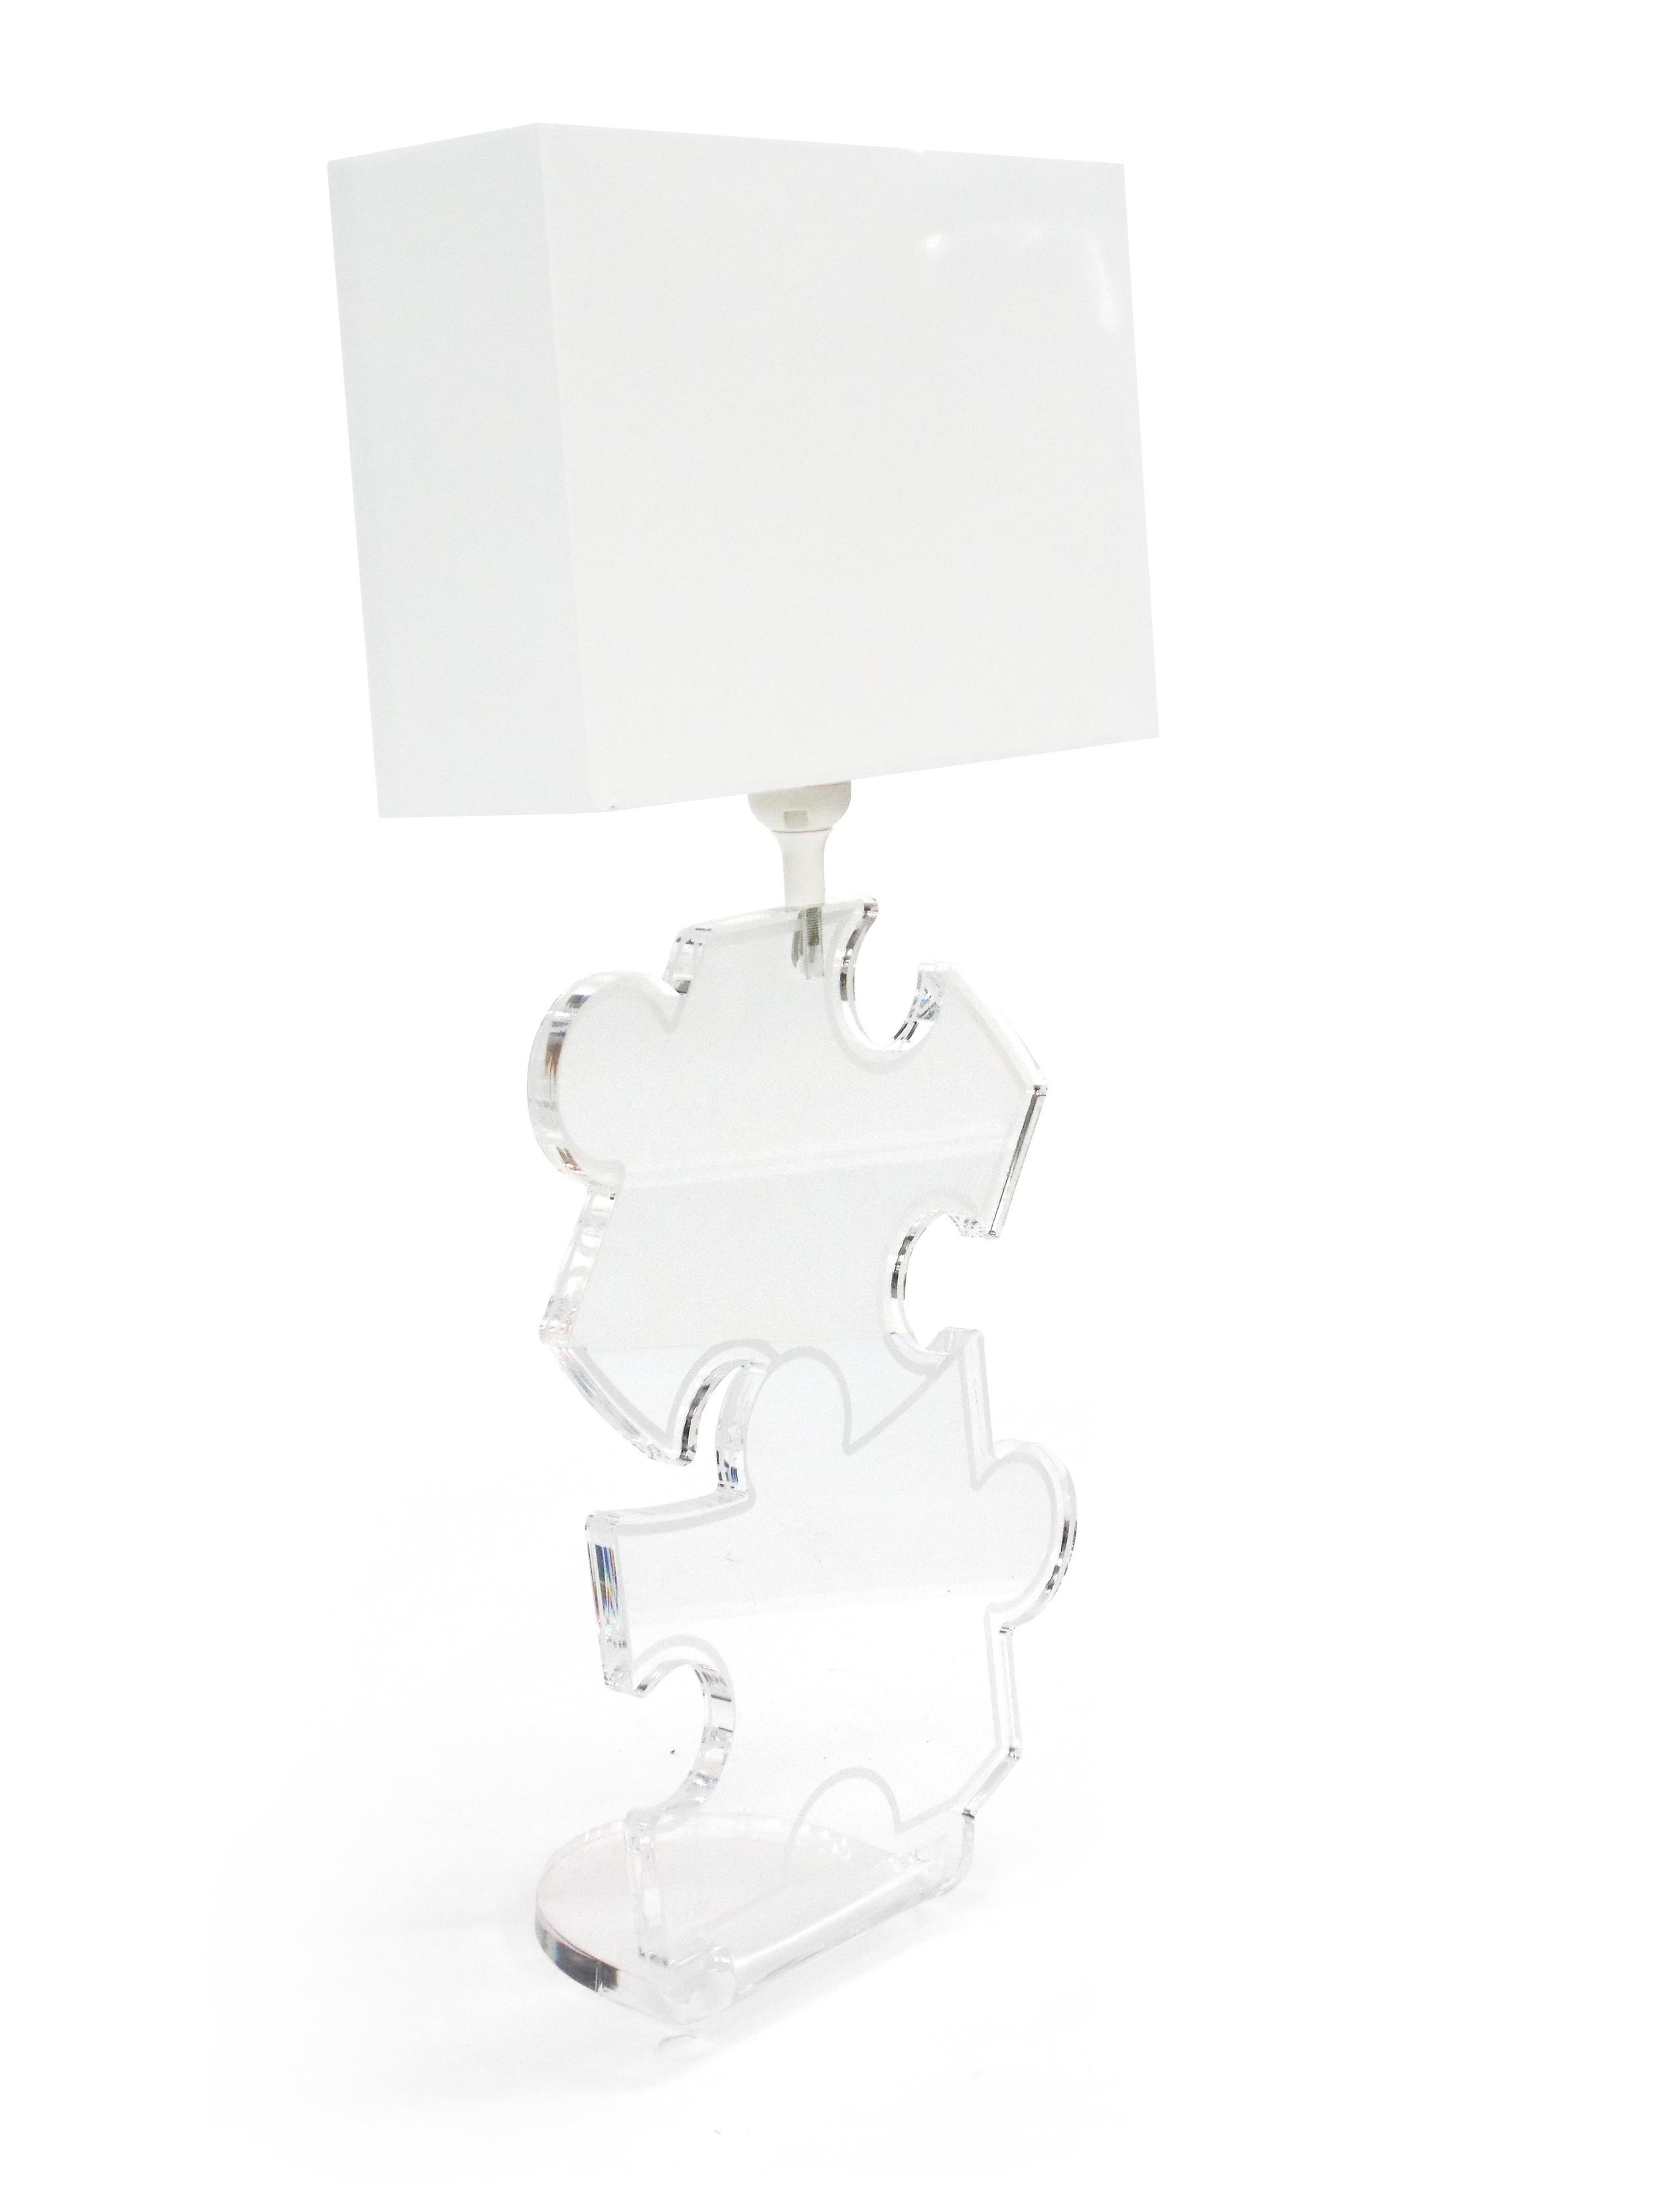 PT lampe puzzle 1328.jpg